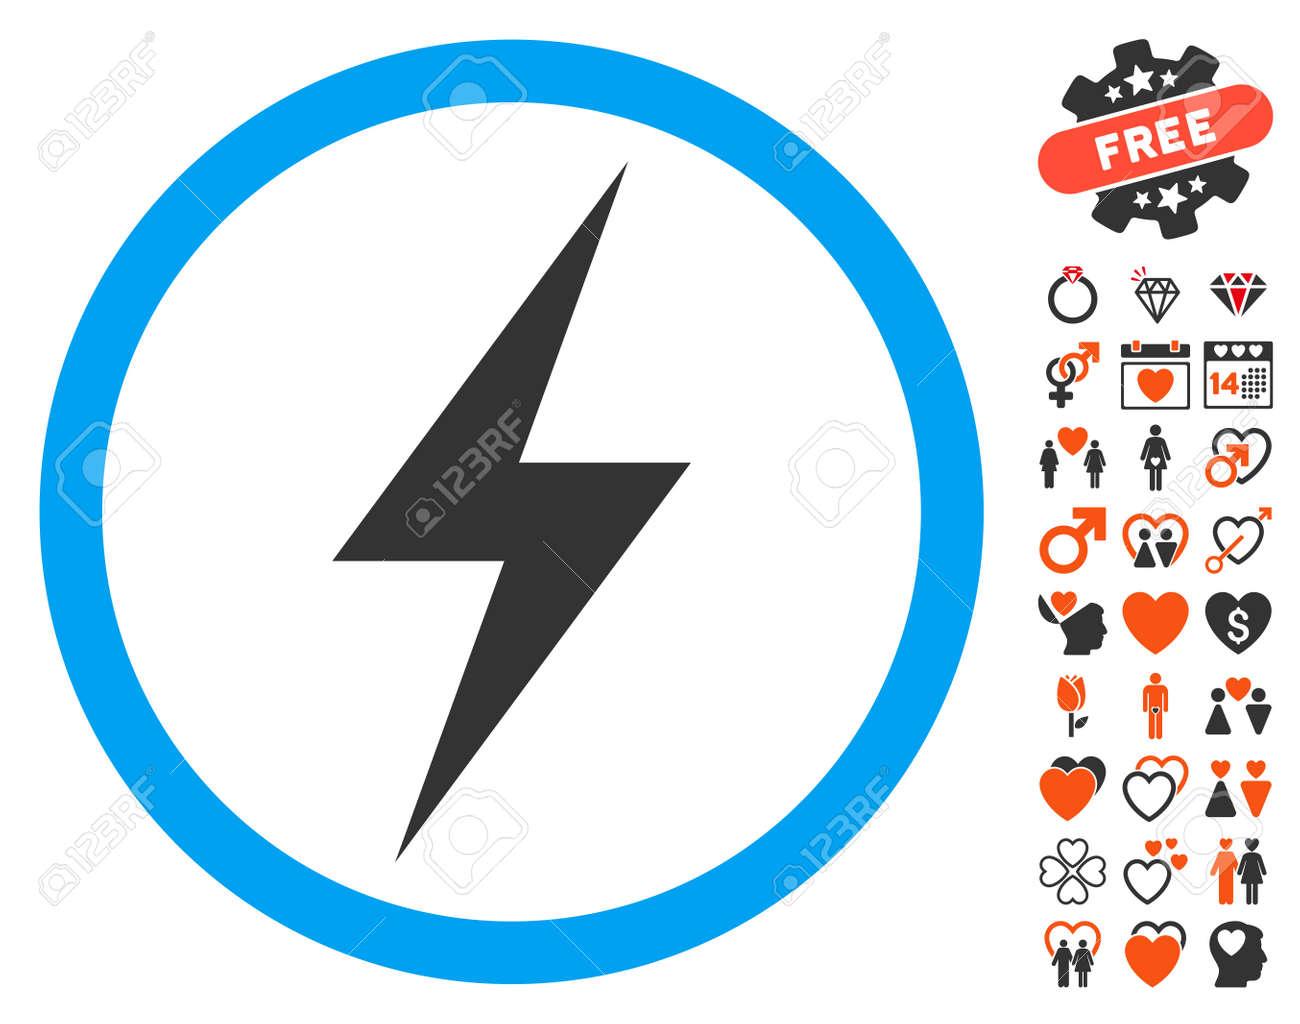 5f62d46365 Archivio Fotografico - Icona simbolo di elettricità con simboli di  matrimonio bonus. Stile di illustrazione vettoriale è piatta elementi  iconici per il web ...